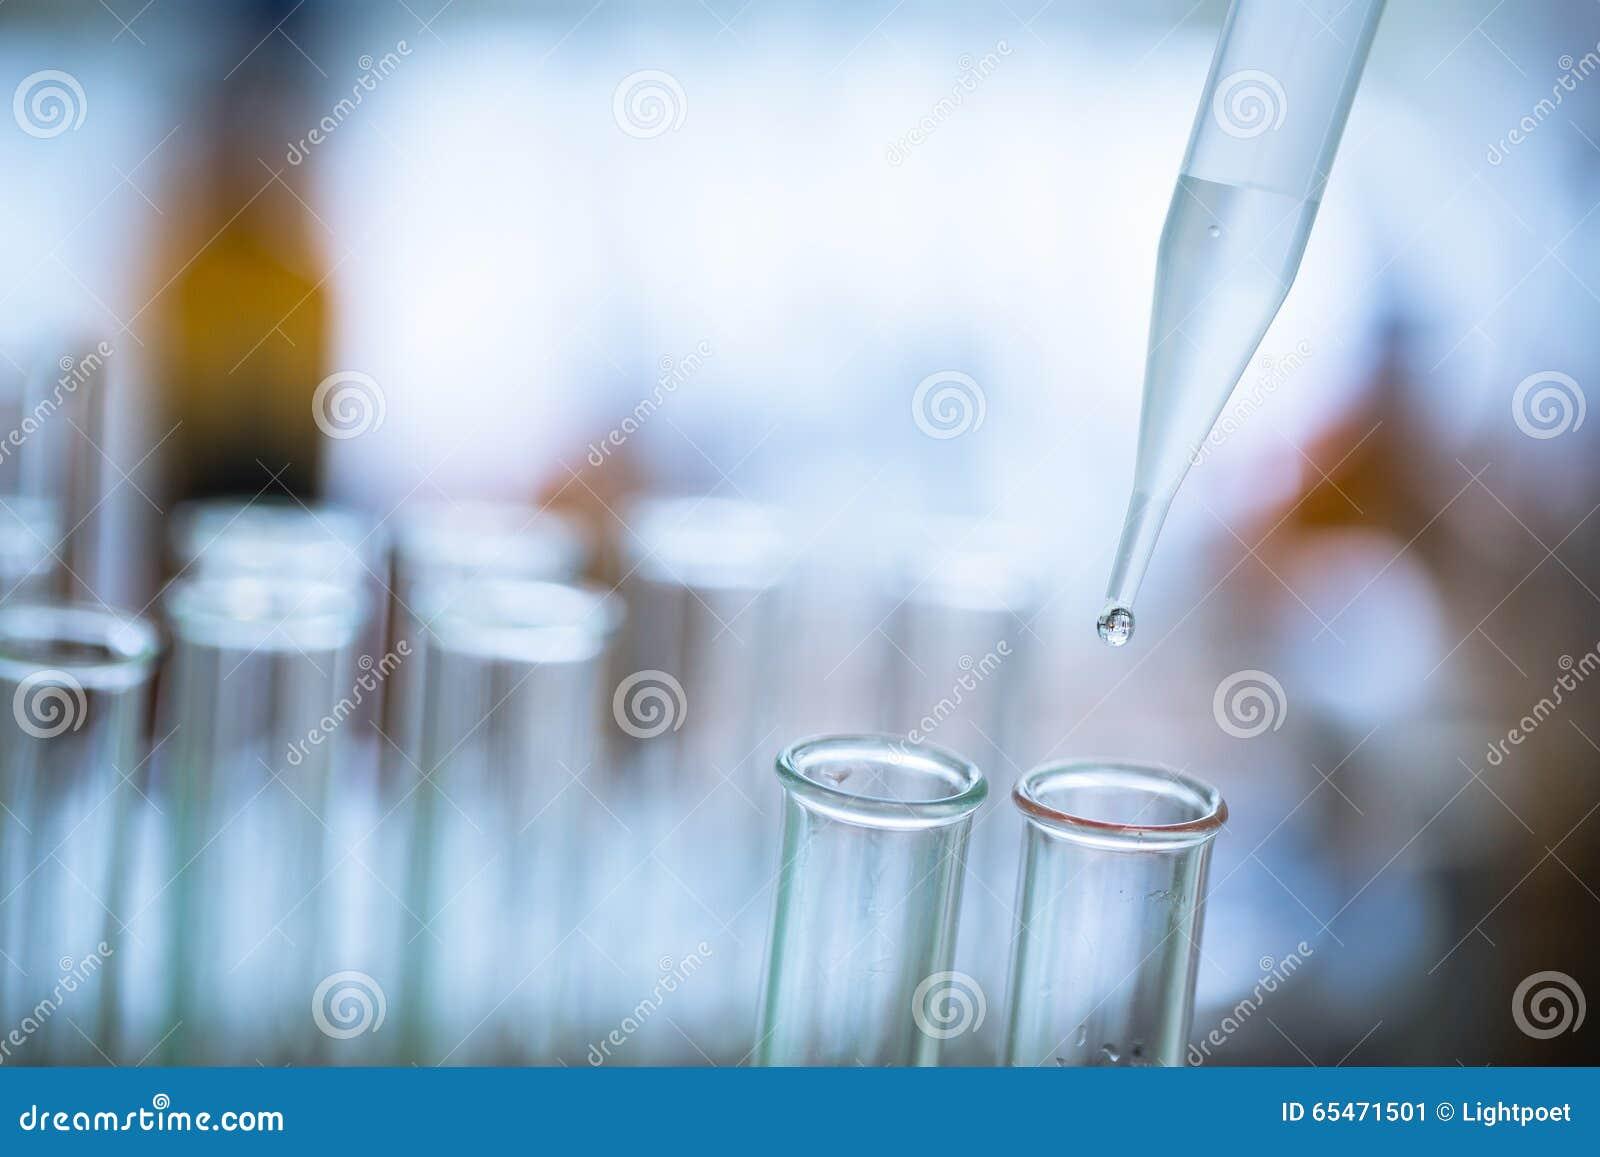 Descenso líquido de la pipeta al tubo de ensayo